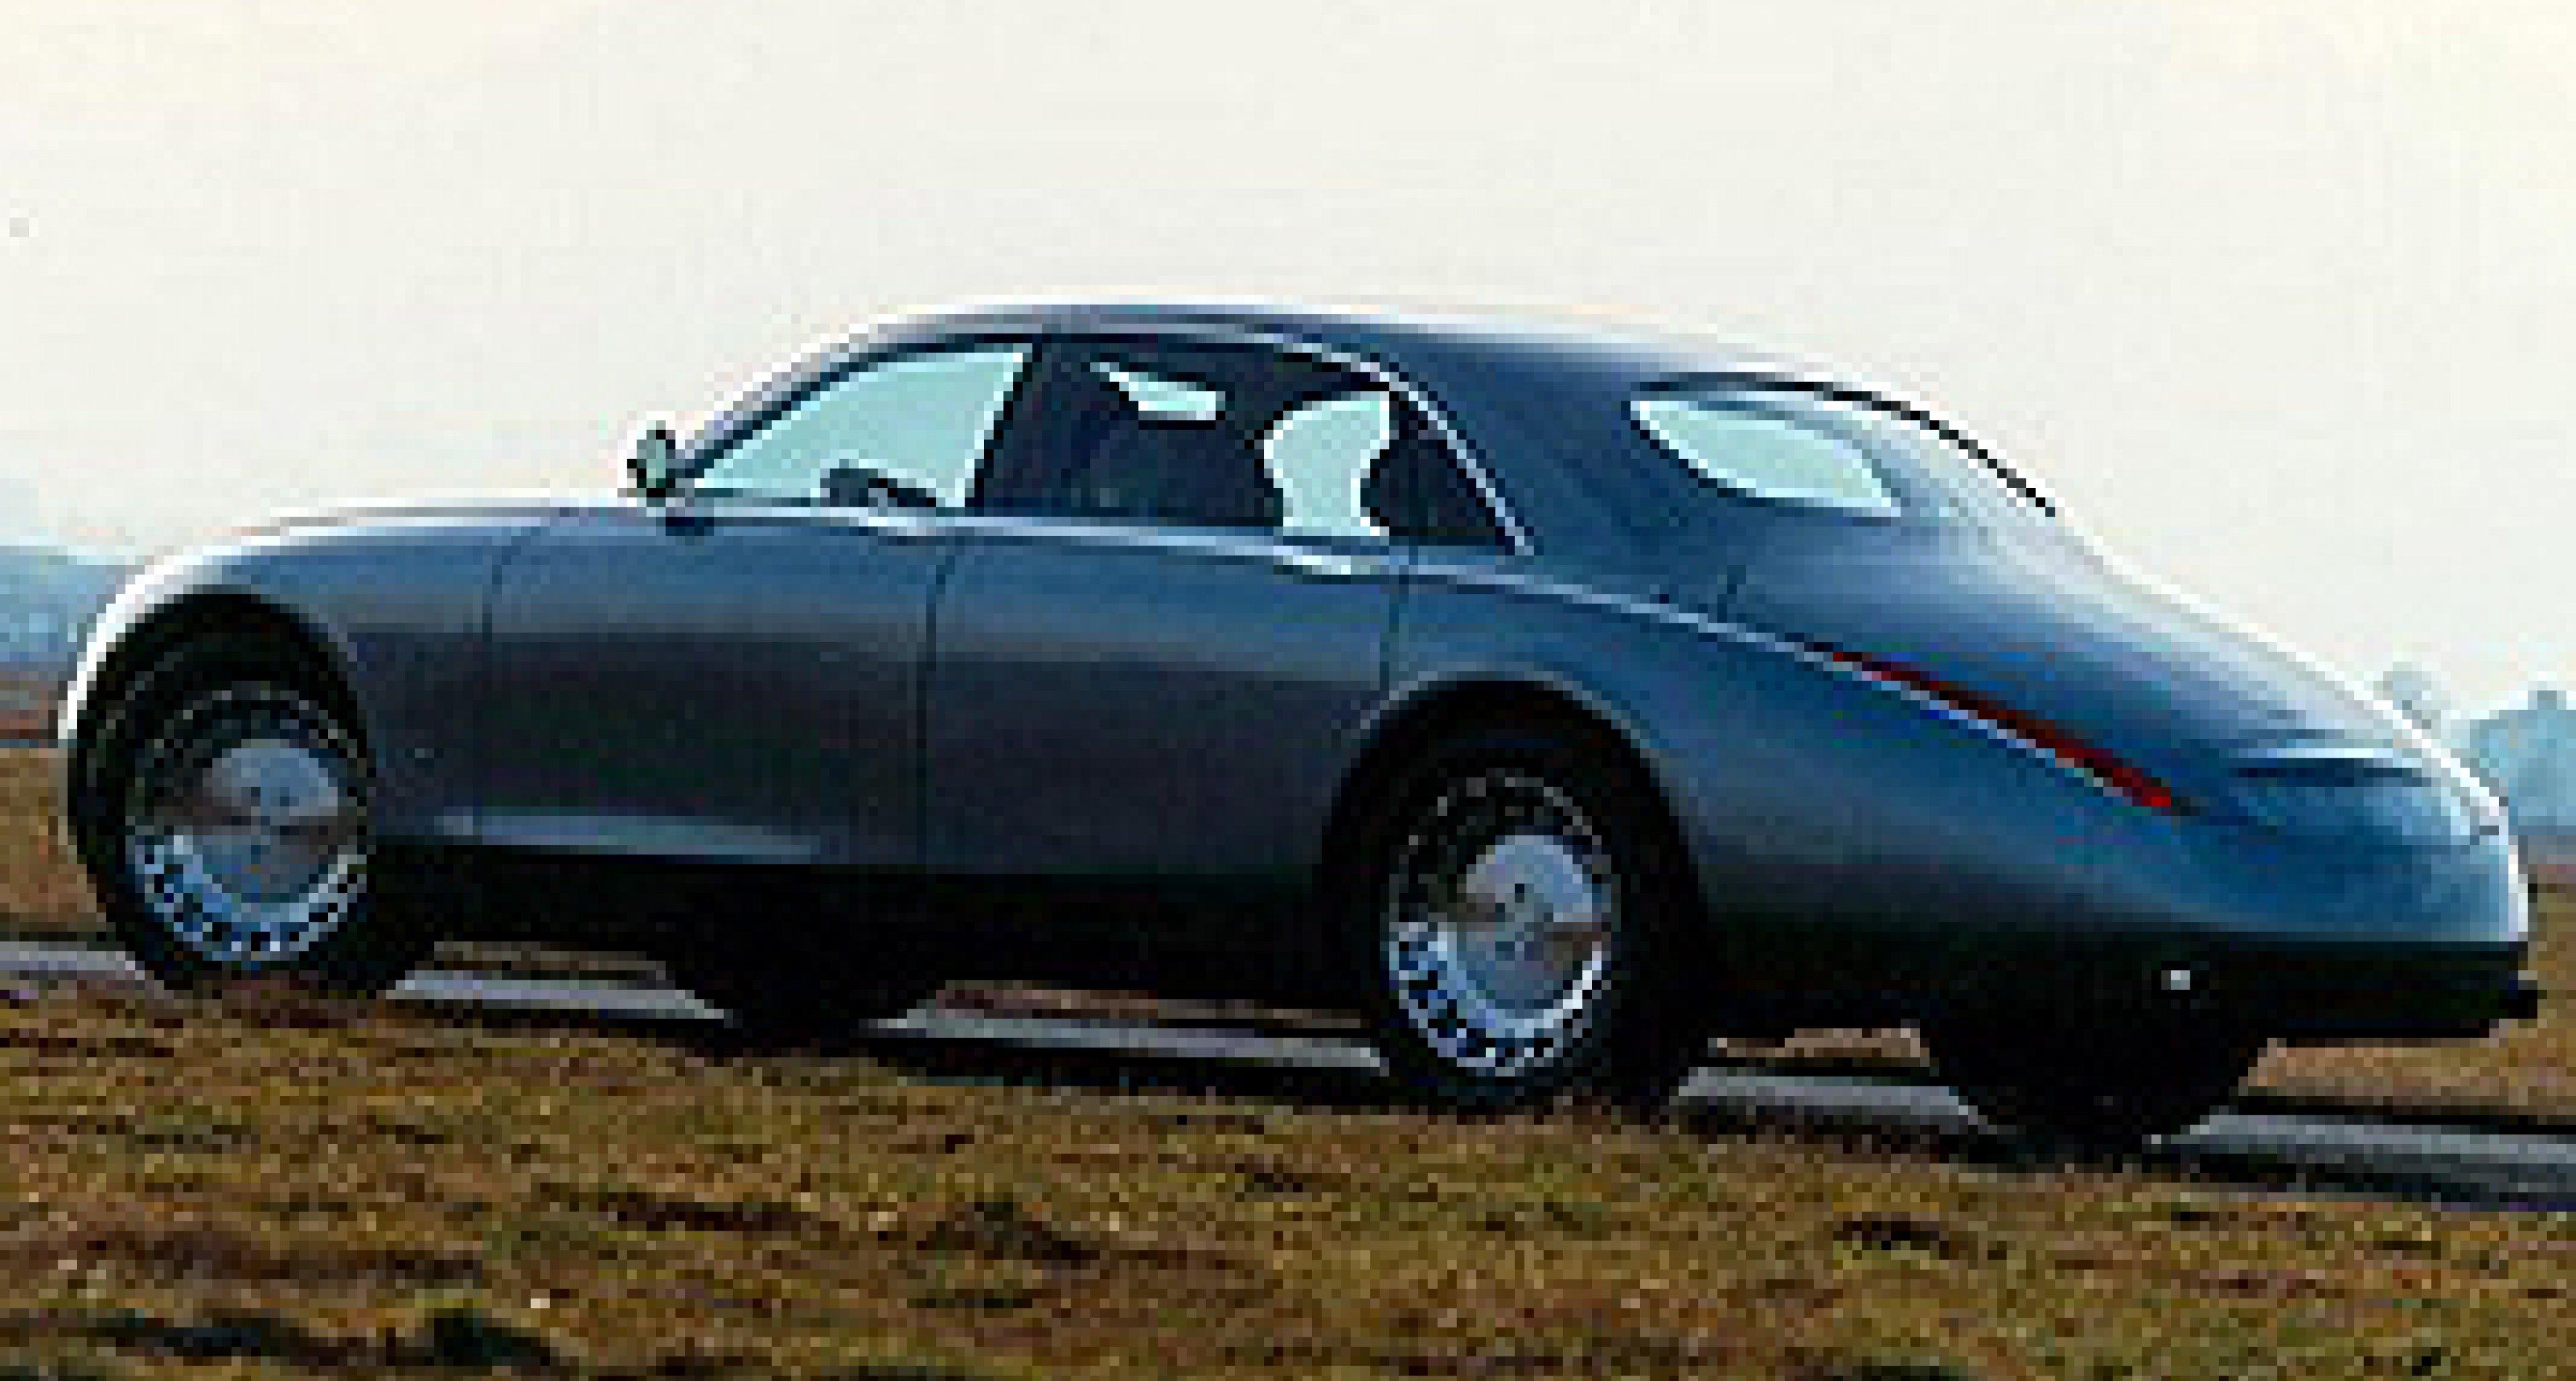 Alfa romeo classic cars for sale uk